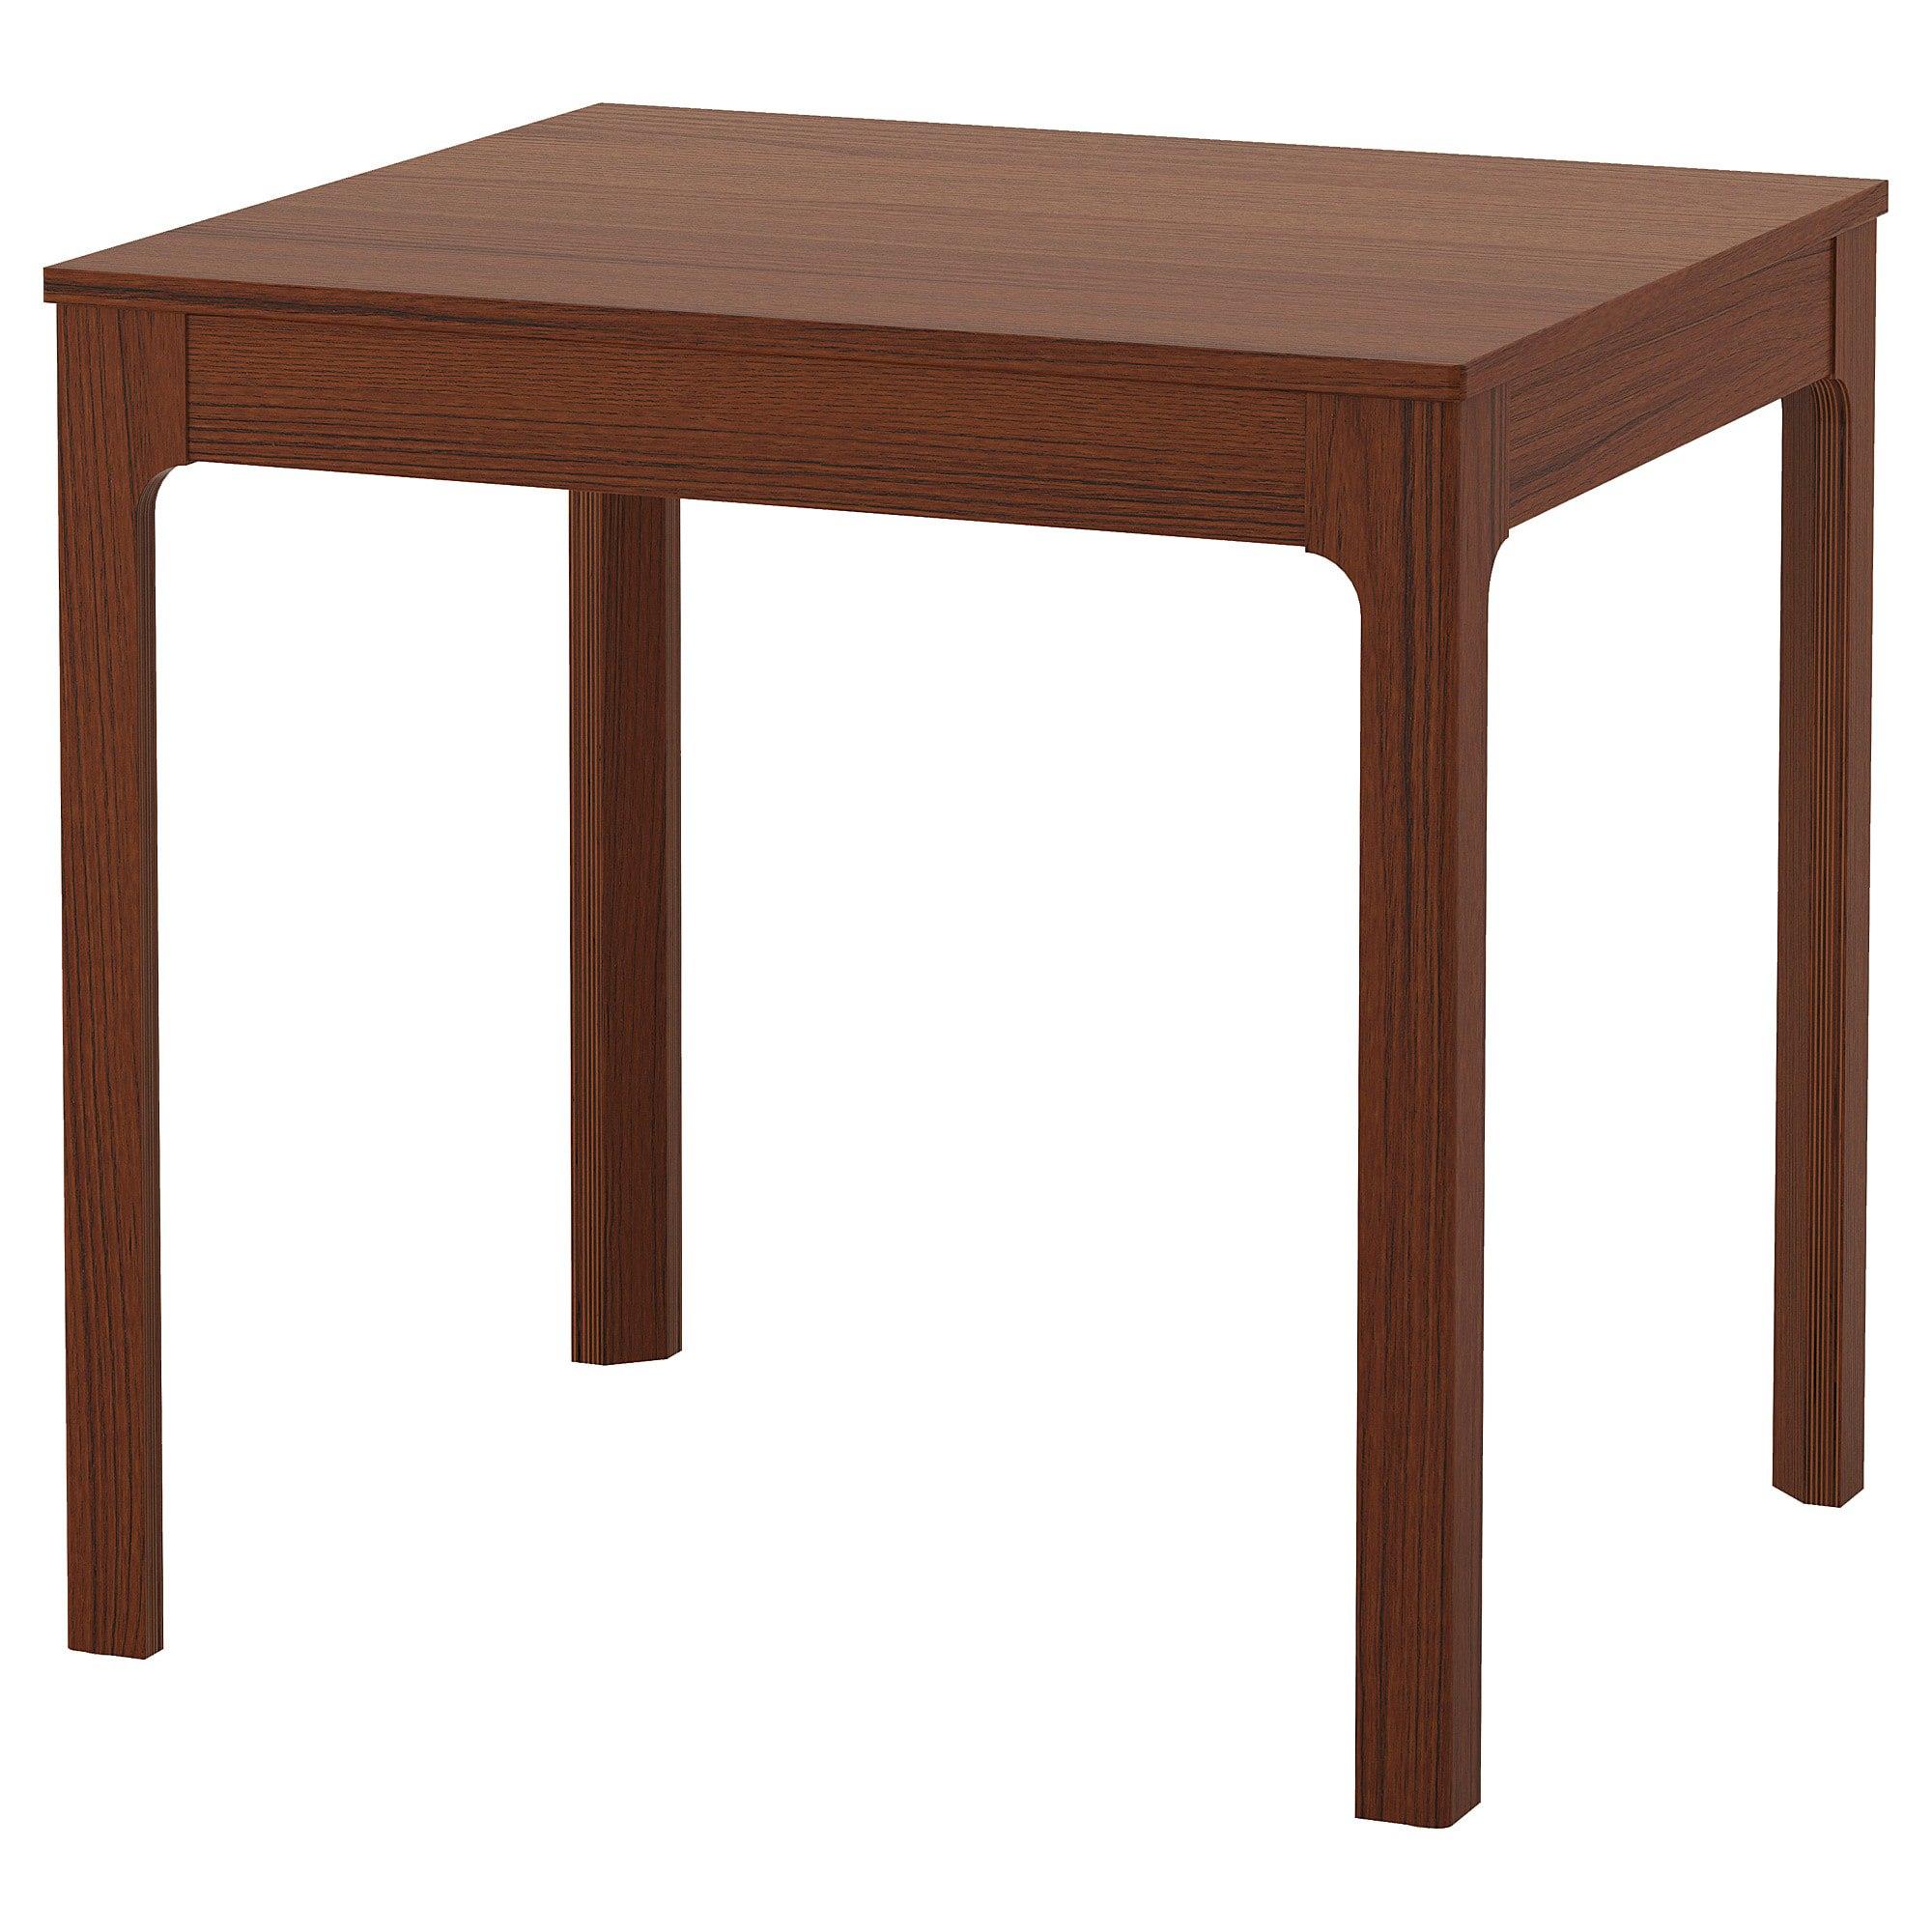 تعبیر خواب میز